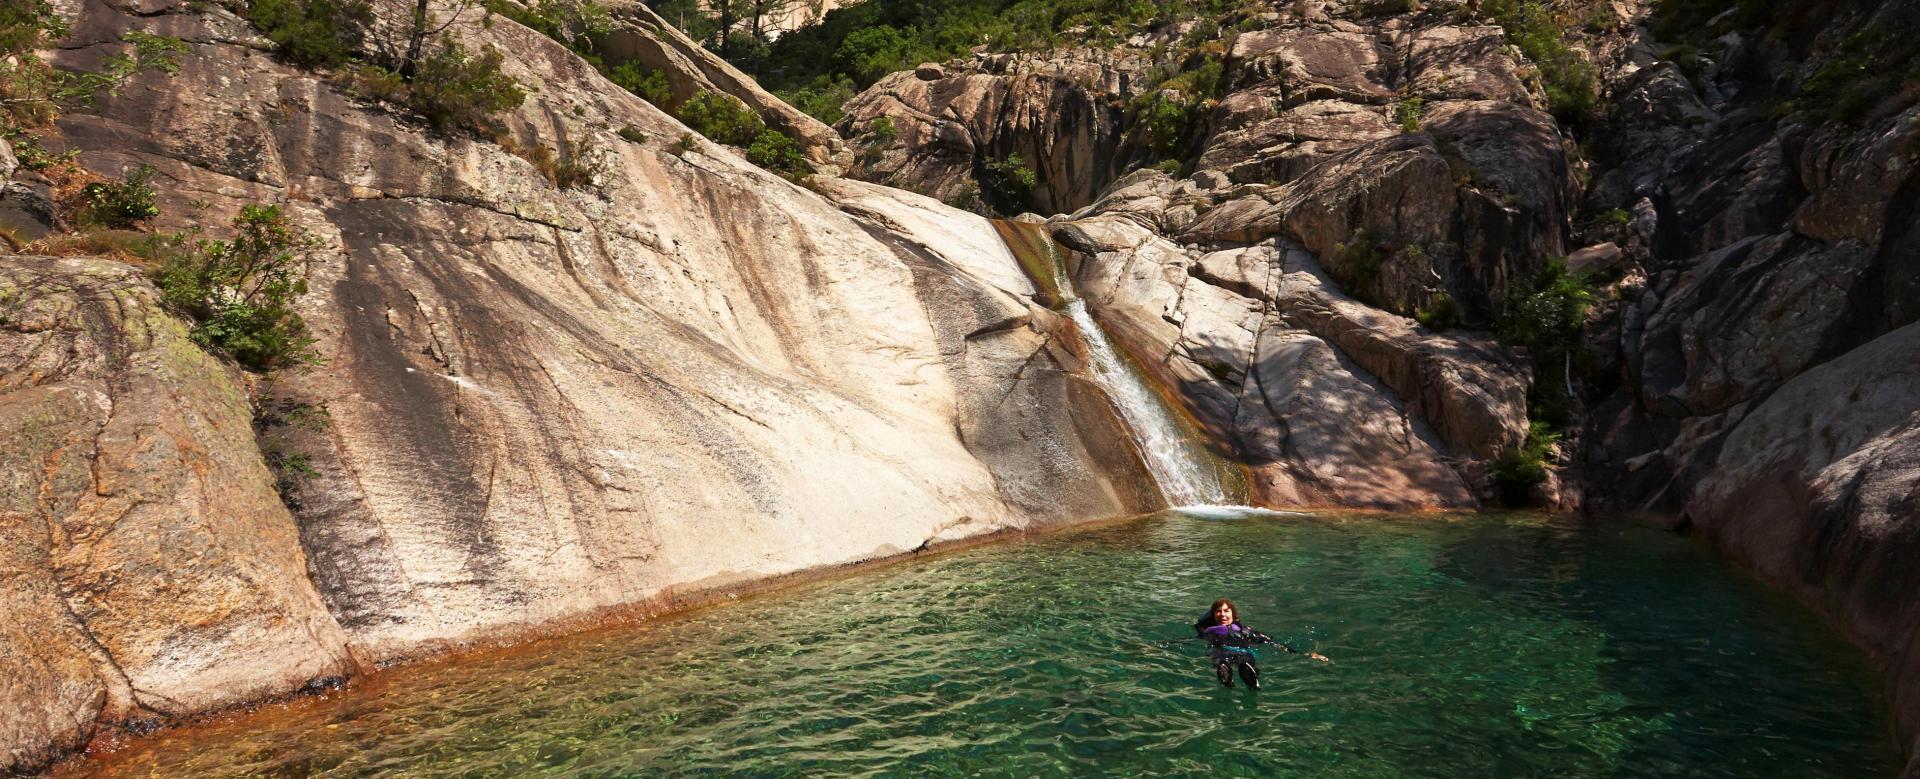 Voyage sur l'eau : Aventuriers en corse